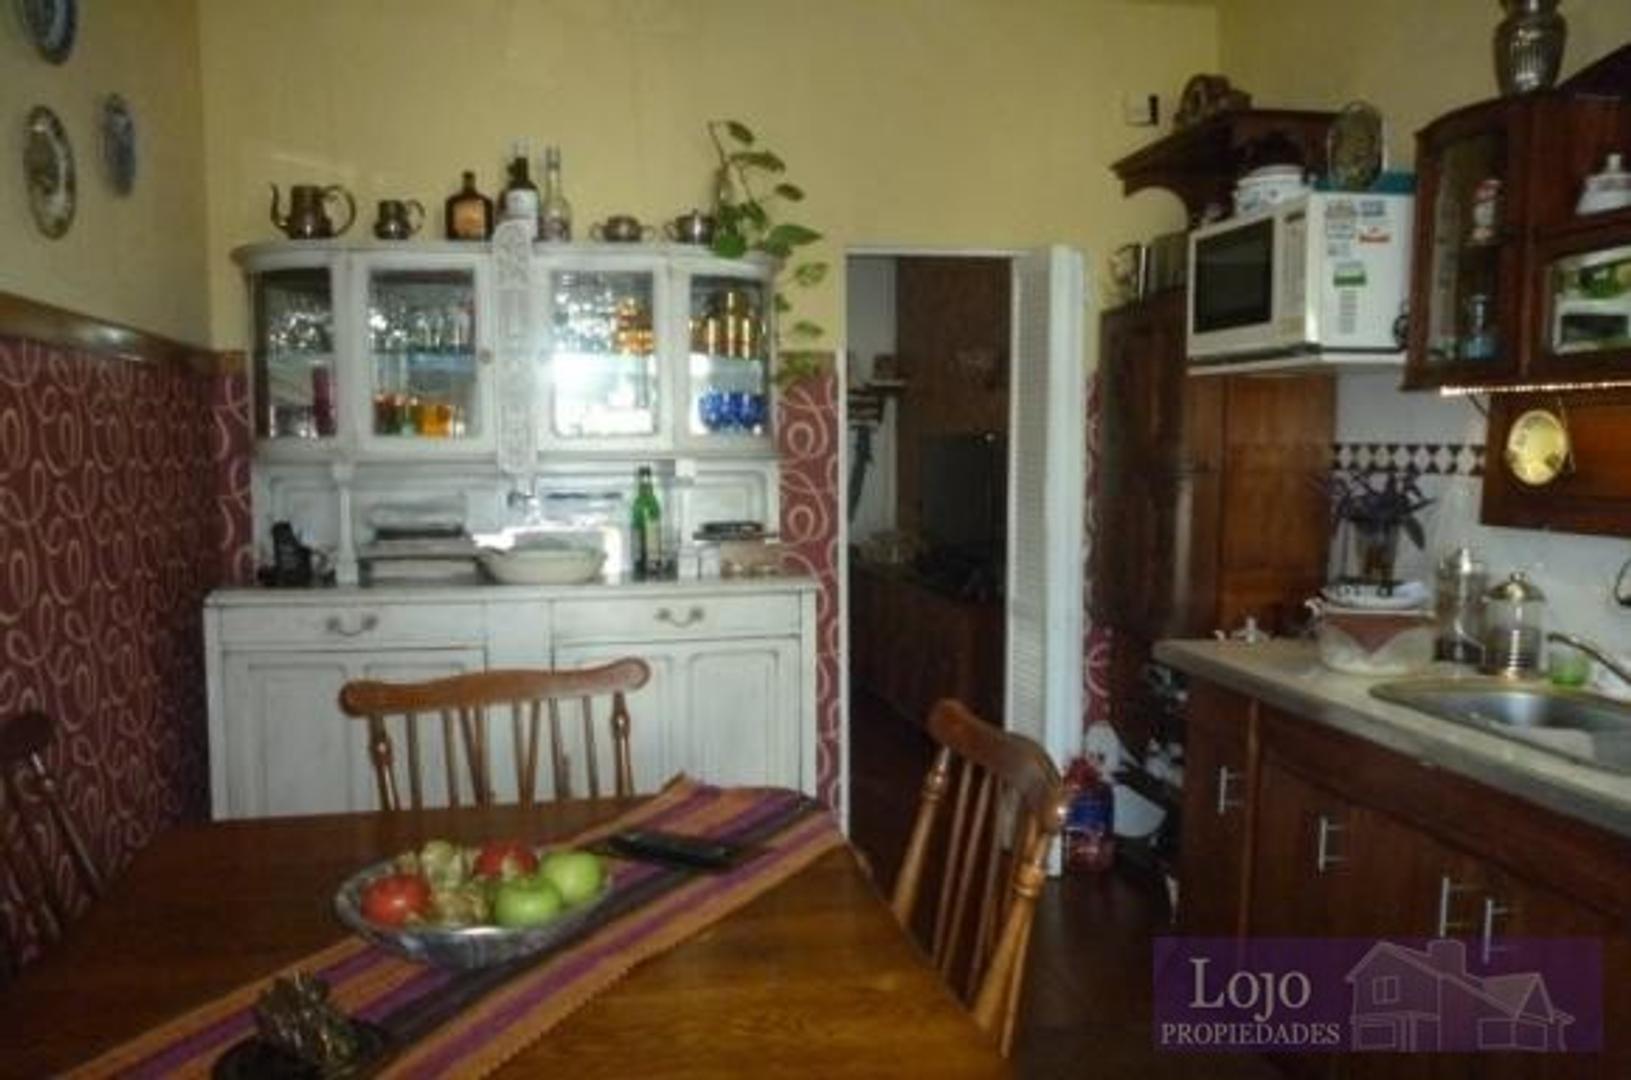 Departamento - 150 m² | 3 dormitorios | 1 baño